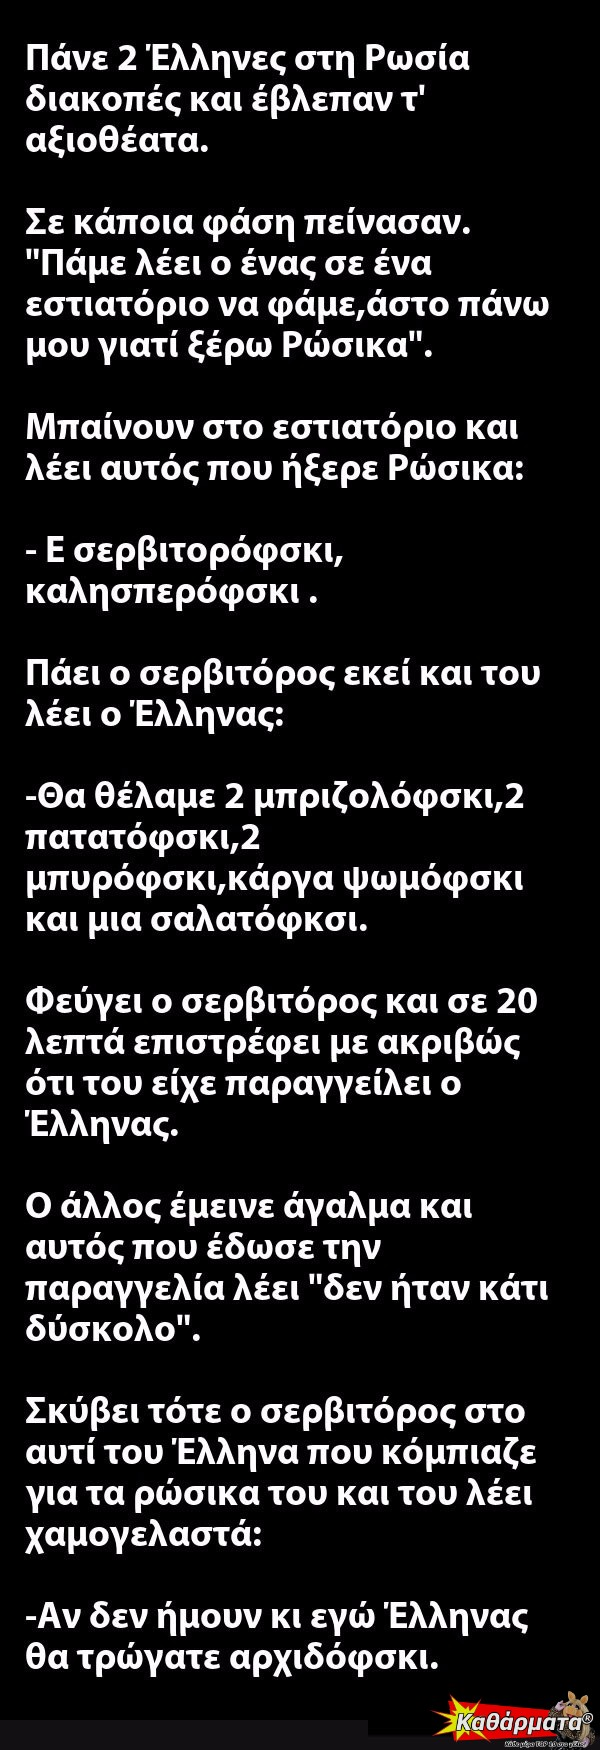 Ανέκδοτο: Πάνε 2 Έλληνες στη Ρωσία διακοπές και έβλεπαν τ' αξιοθέατα